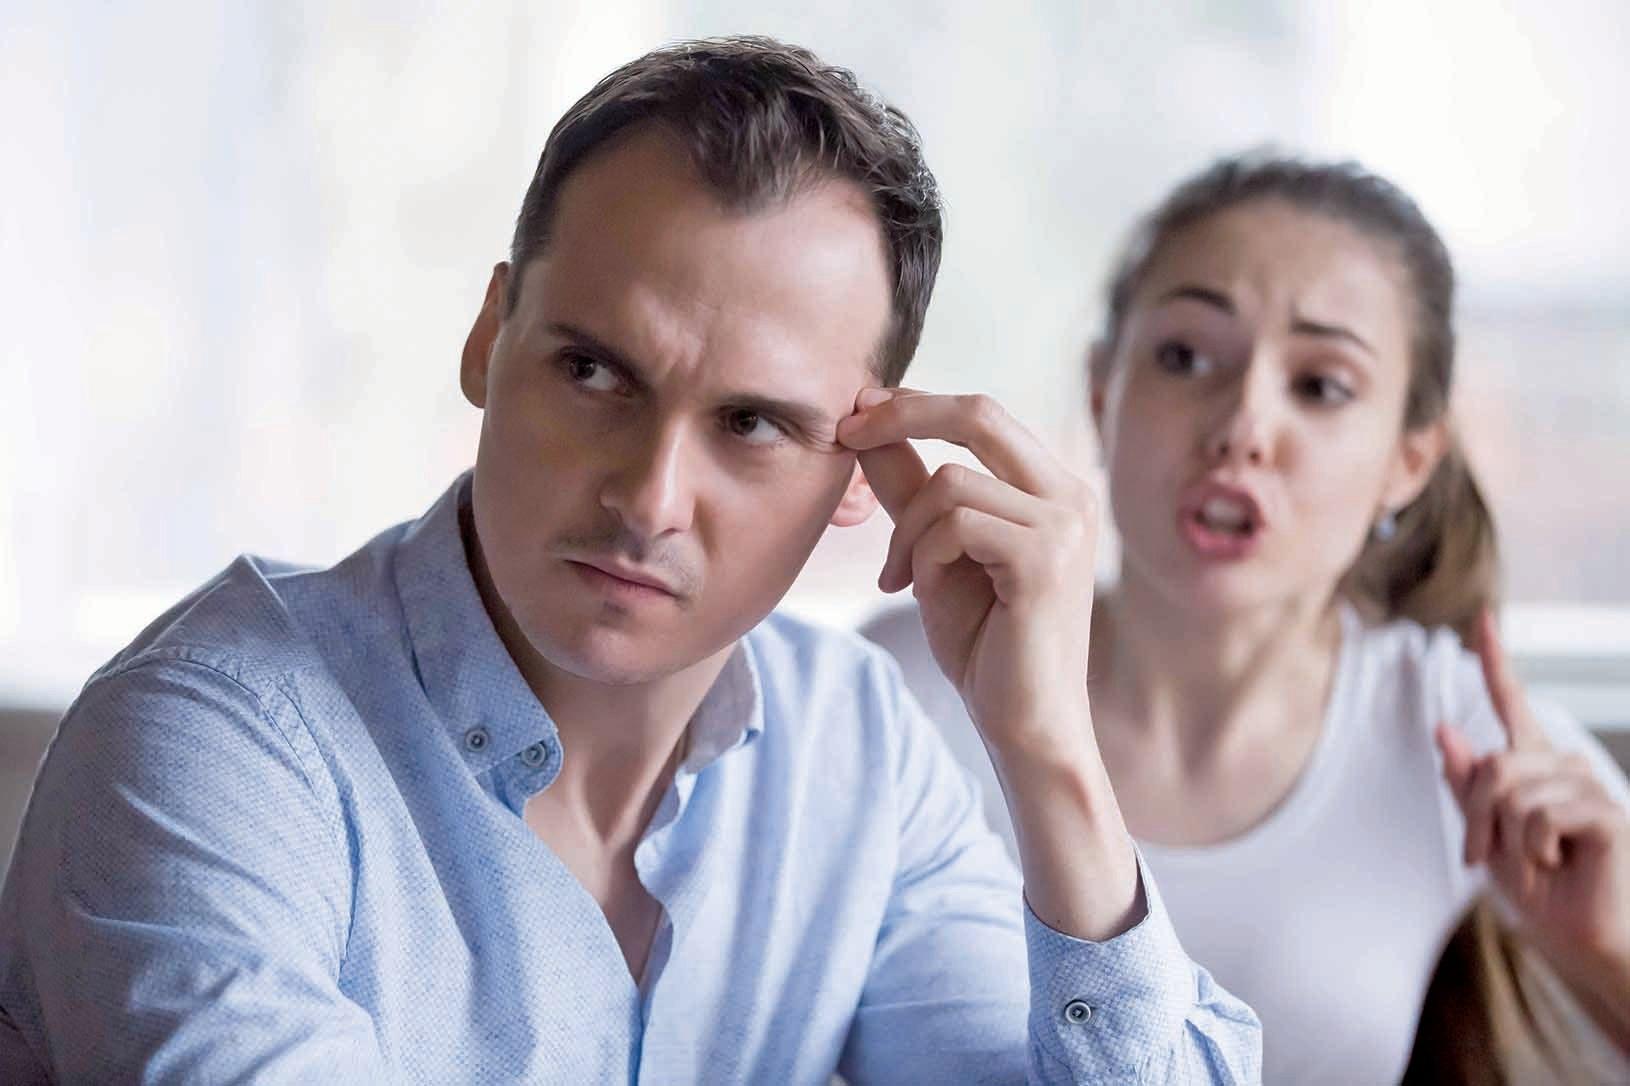 施虐者的情緒波動和爆發是不穩定的,周圍的人因為無法預測,卻又害怕遭到苛責而開始猜測施虐者會說或會做的事情。(Illustration – Shutterstock)